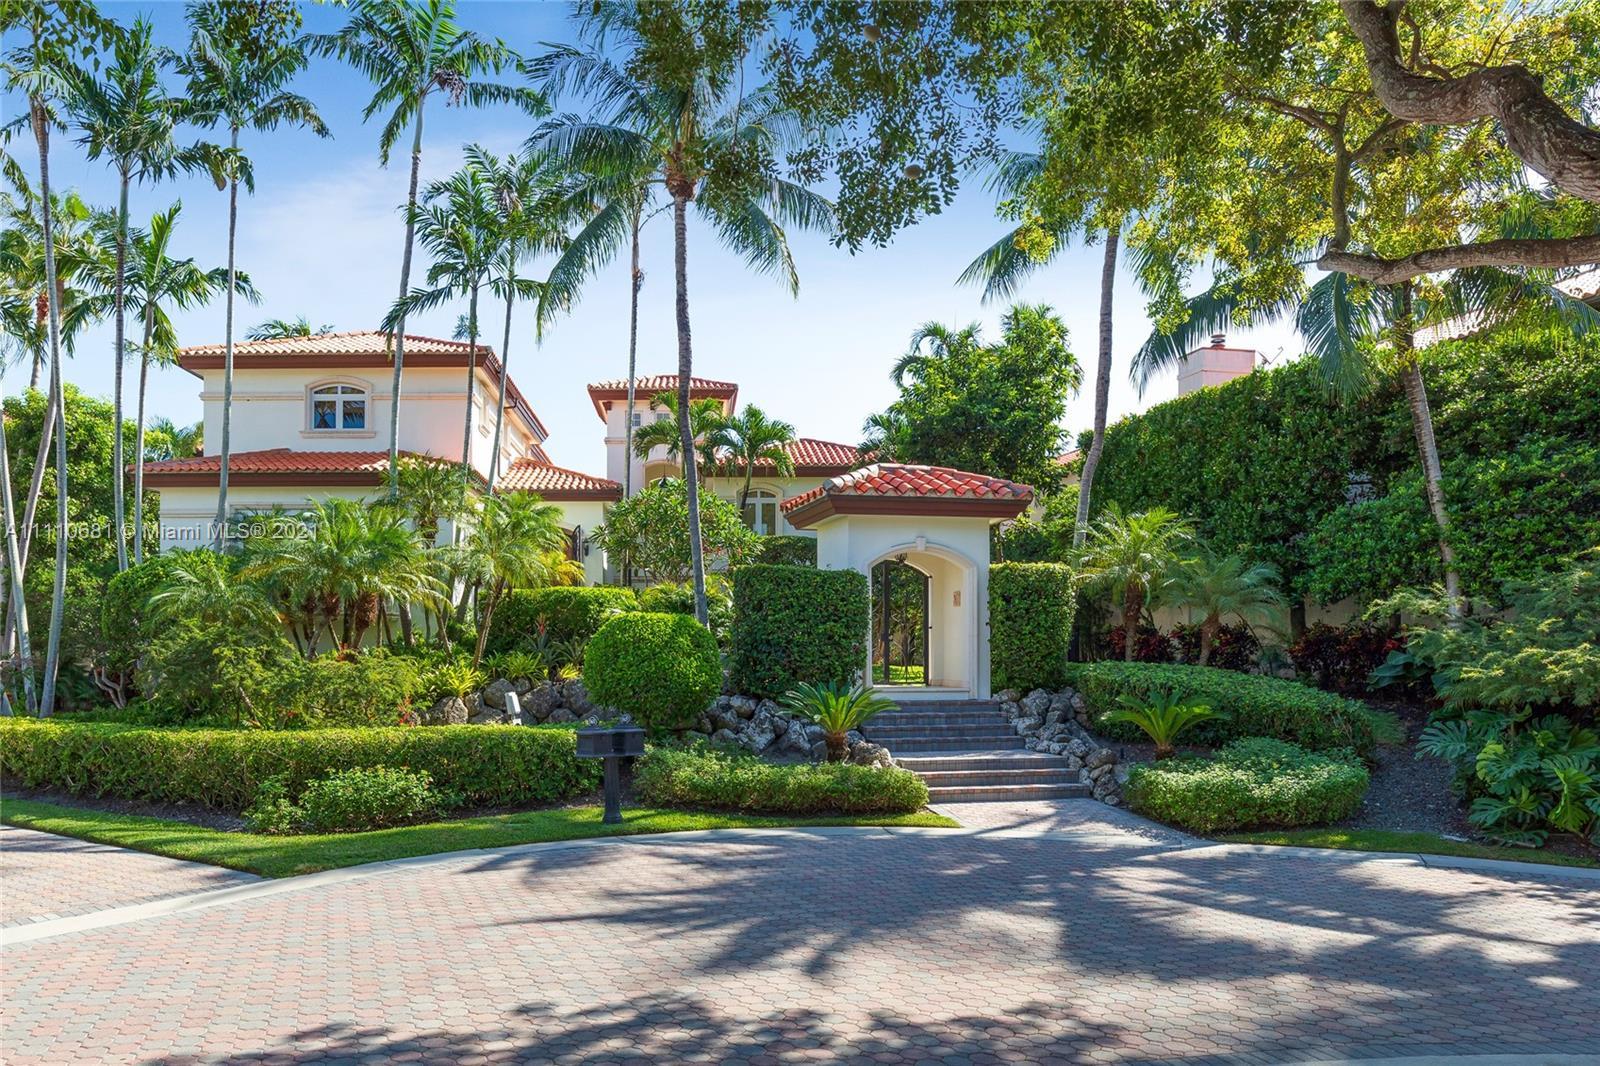 Deering Bay Estates - 13675 Deering Bay Dr, Coral Gables, FL 33158